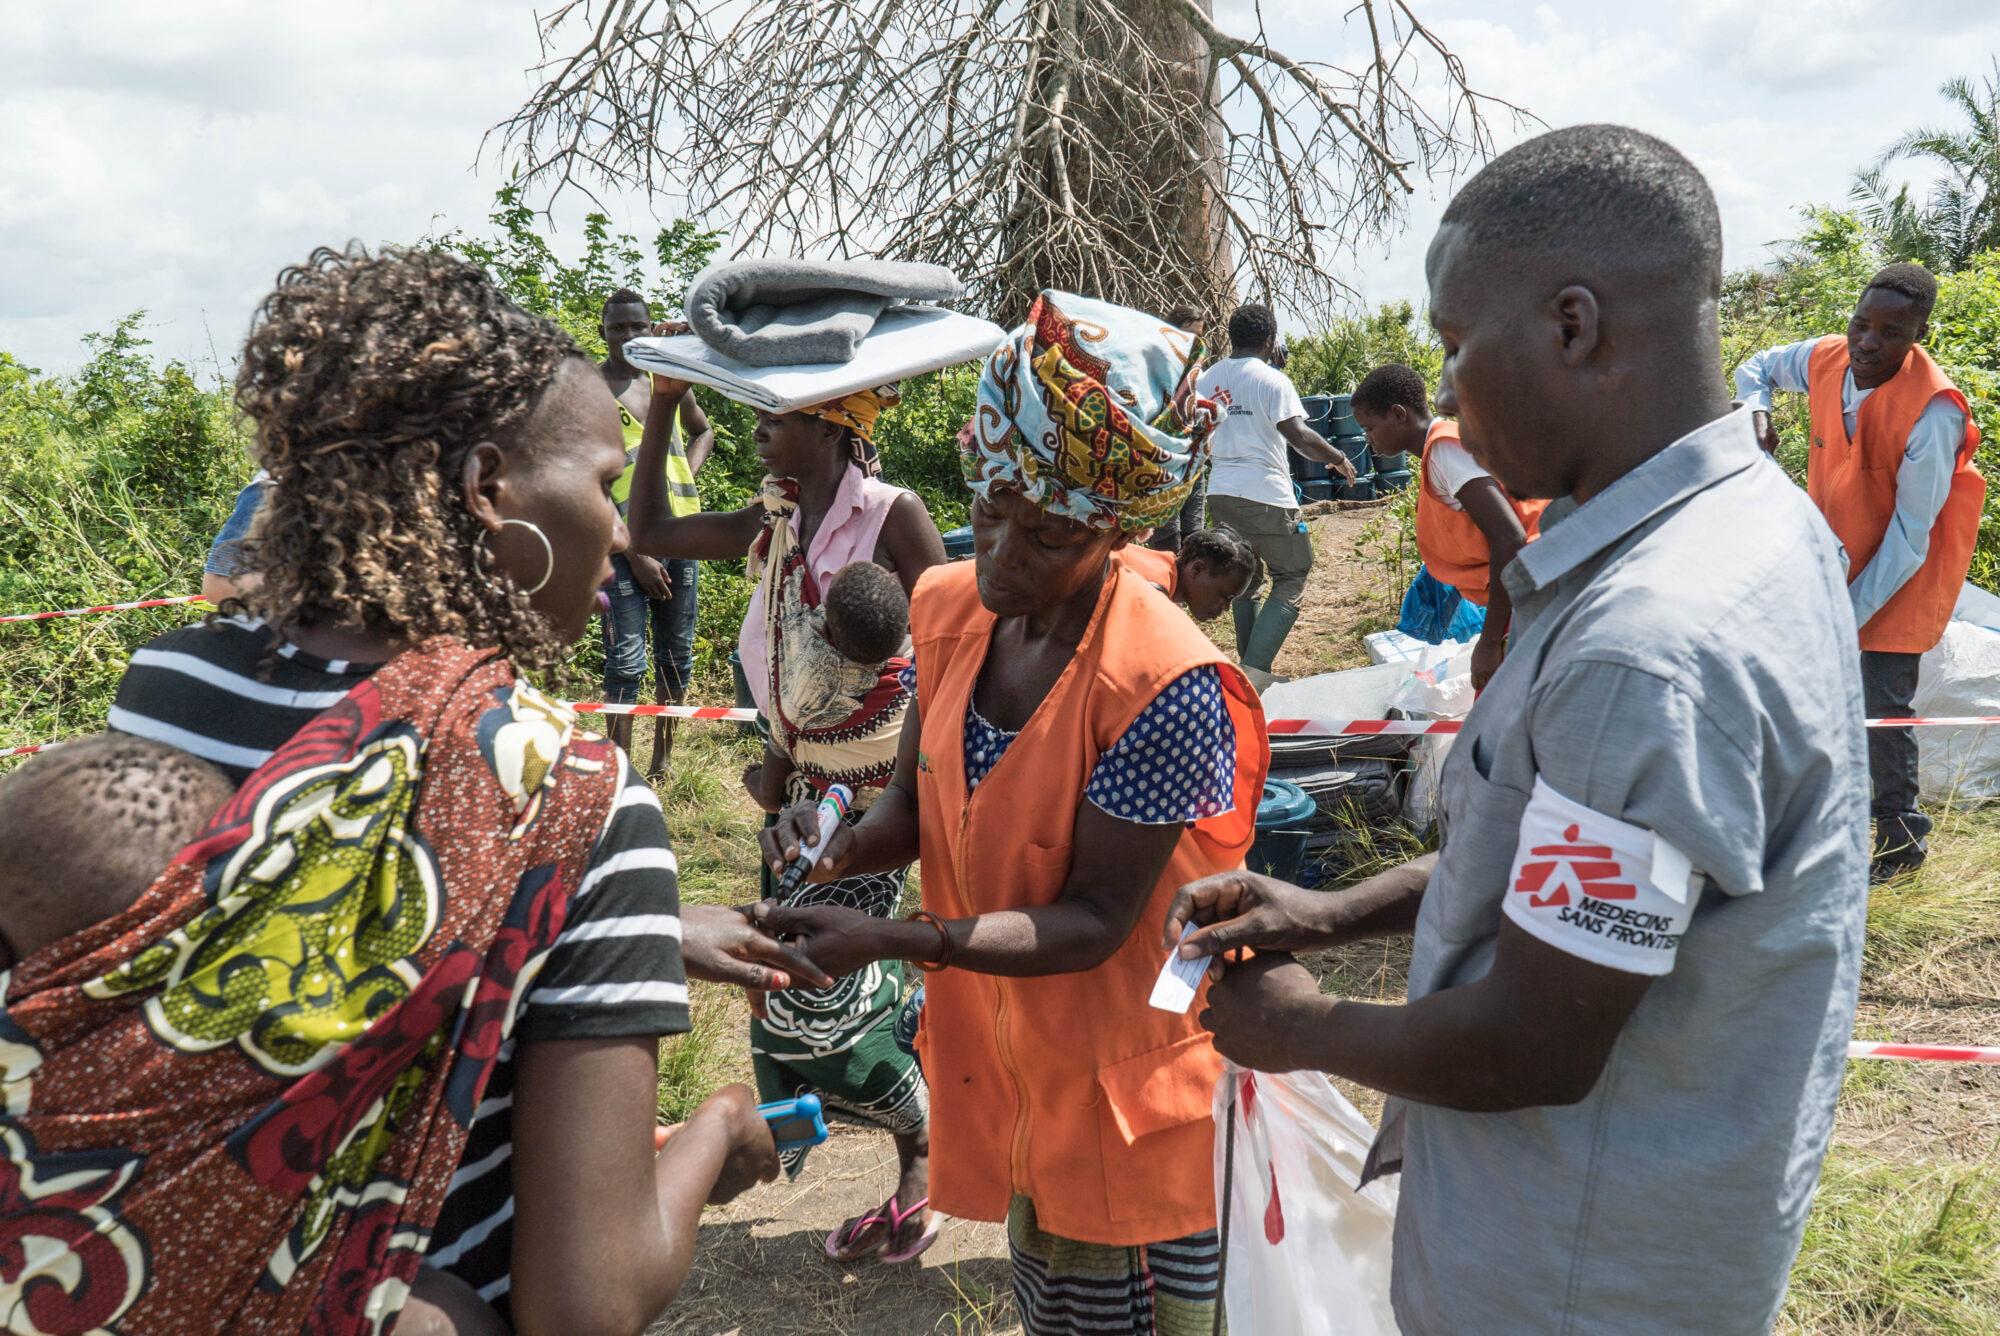 Kuvassa ihmiset hakevat perustarvikkeita syklonin jälkeen.